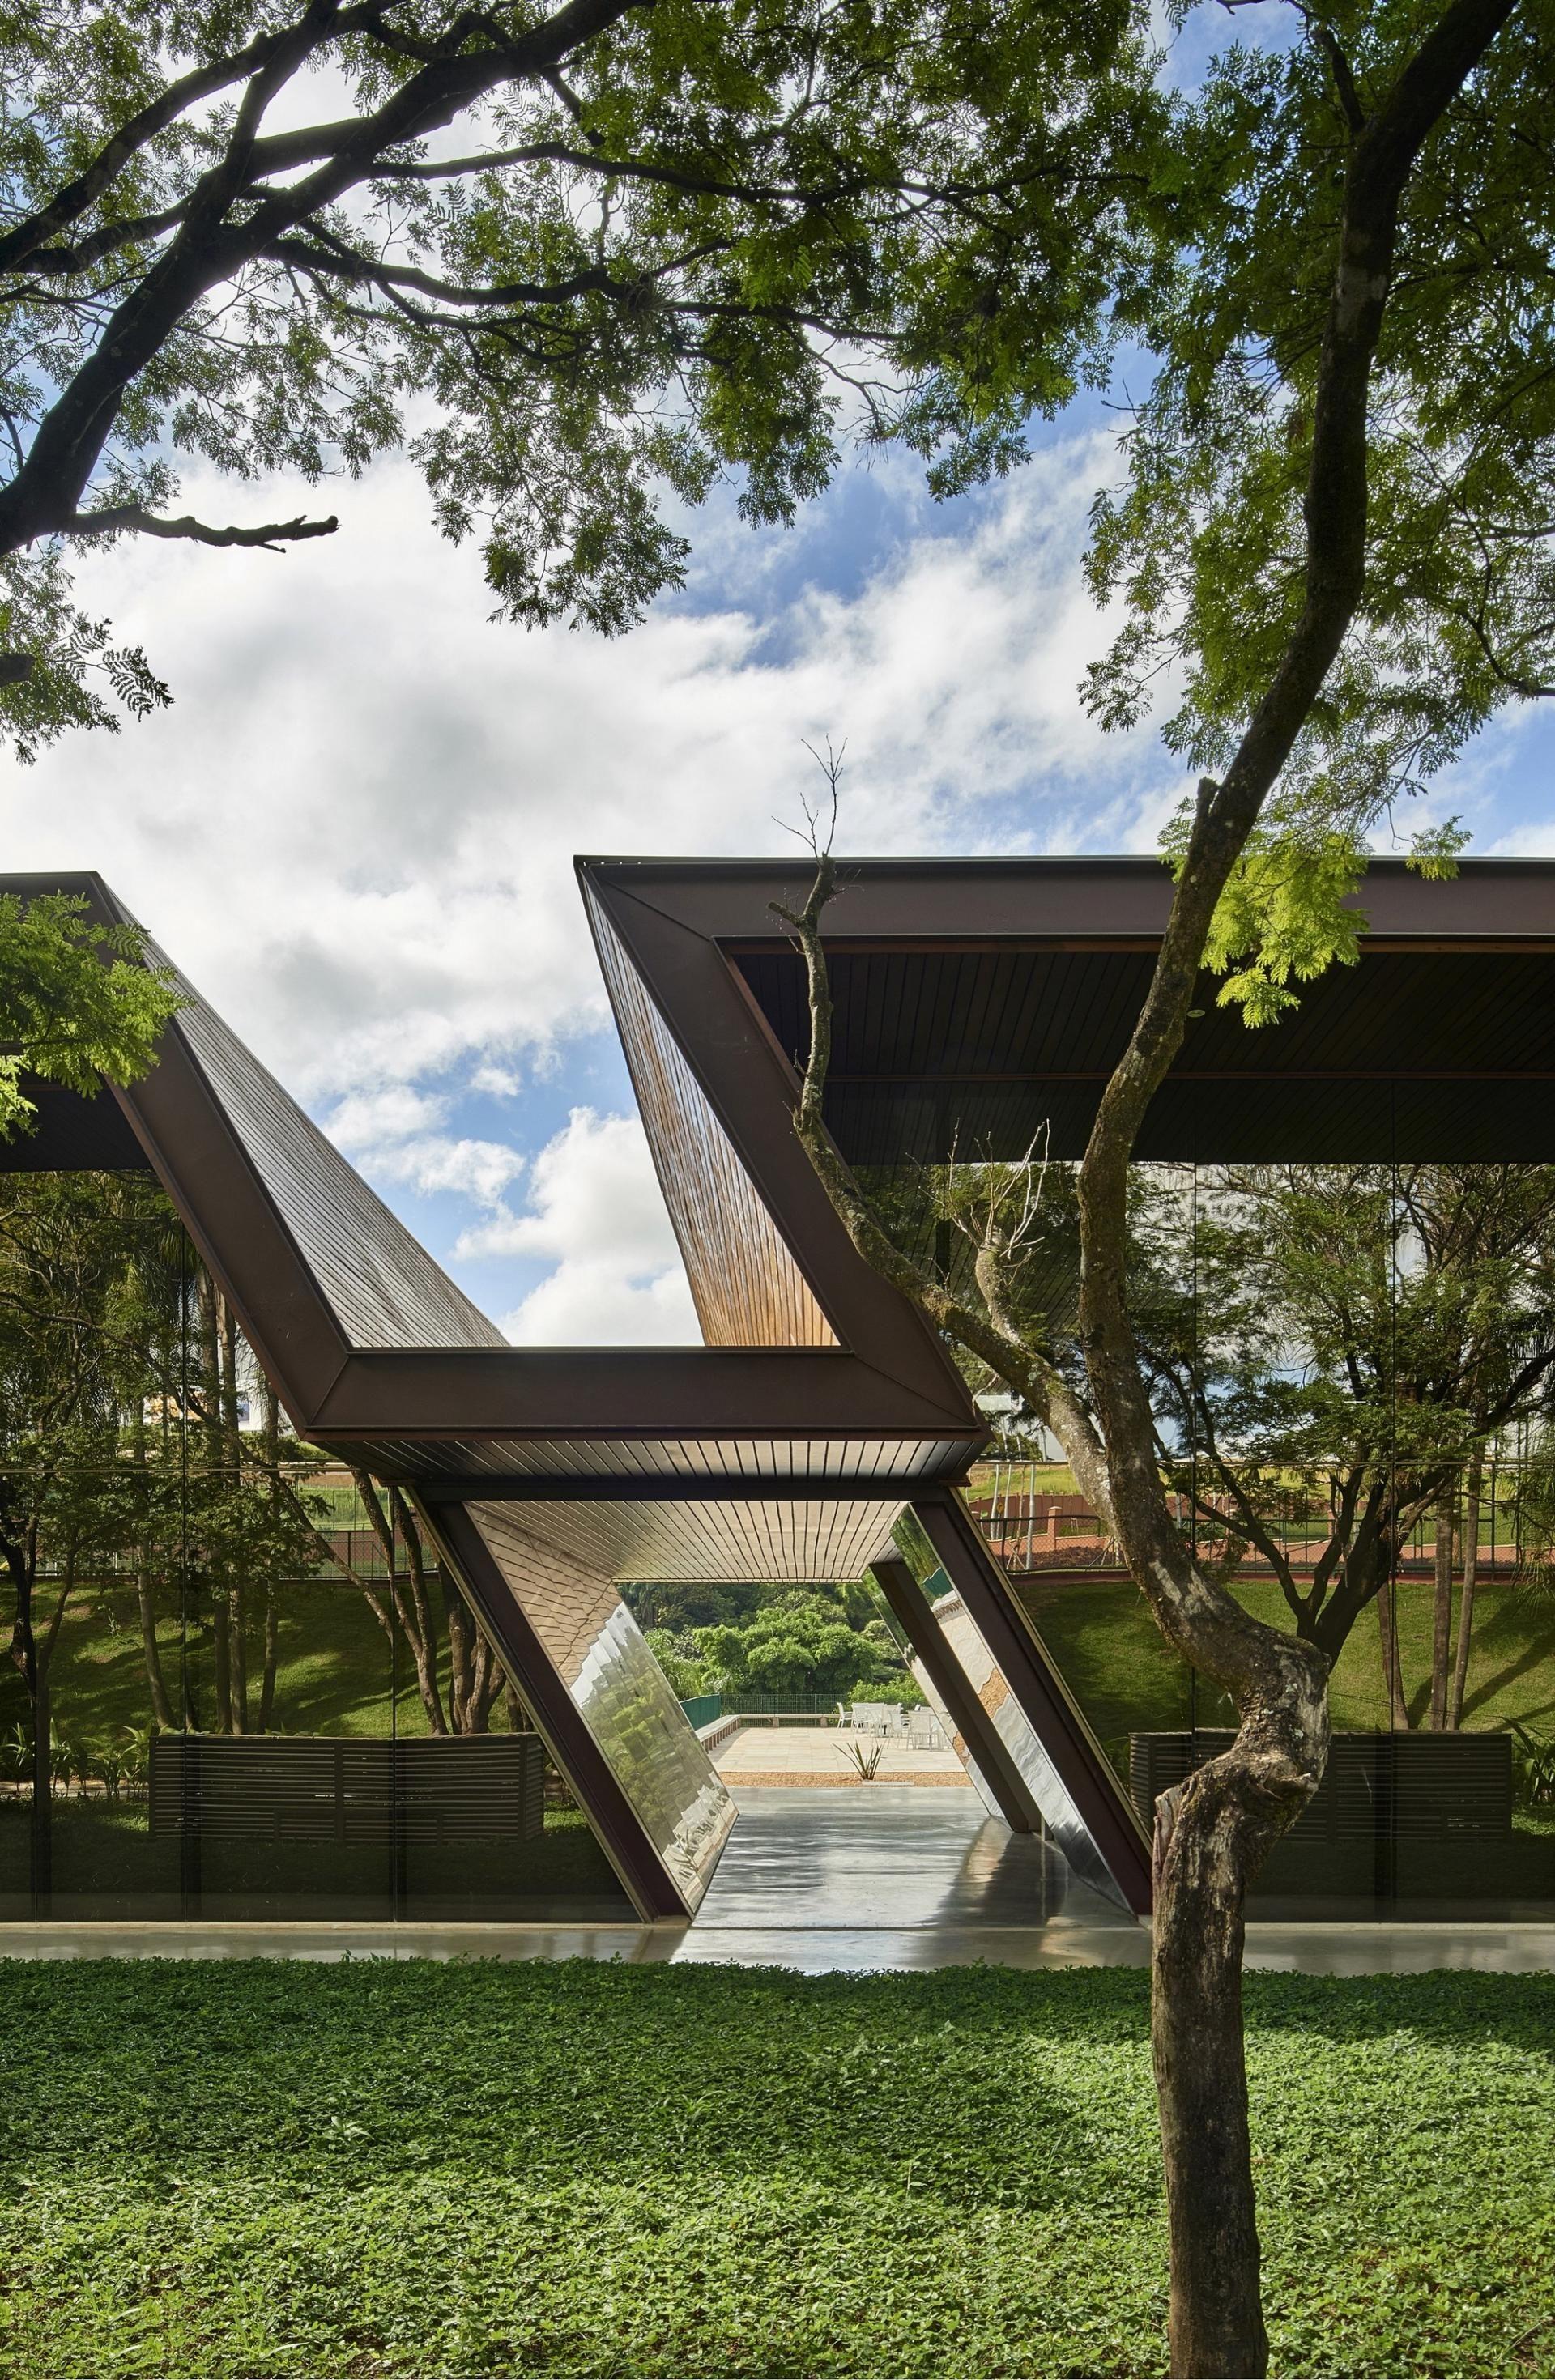 Community center serra dourada by gustavo penna e associados sustainable architecture - Futuristische architektur ...